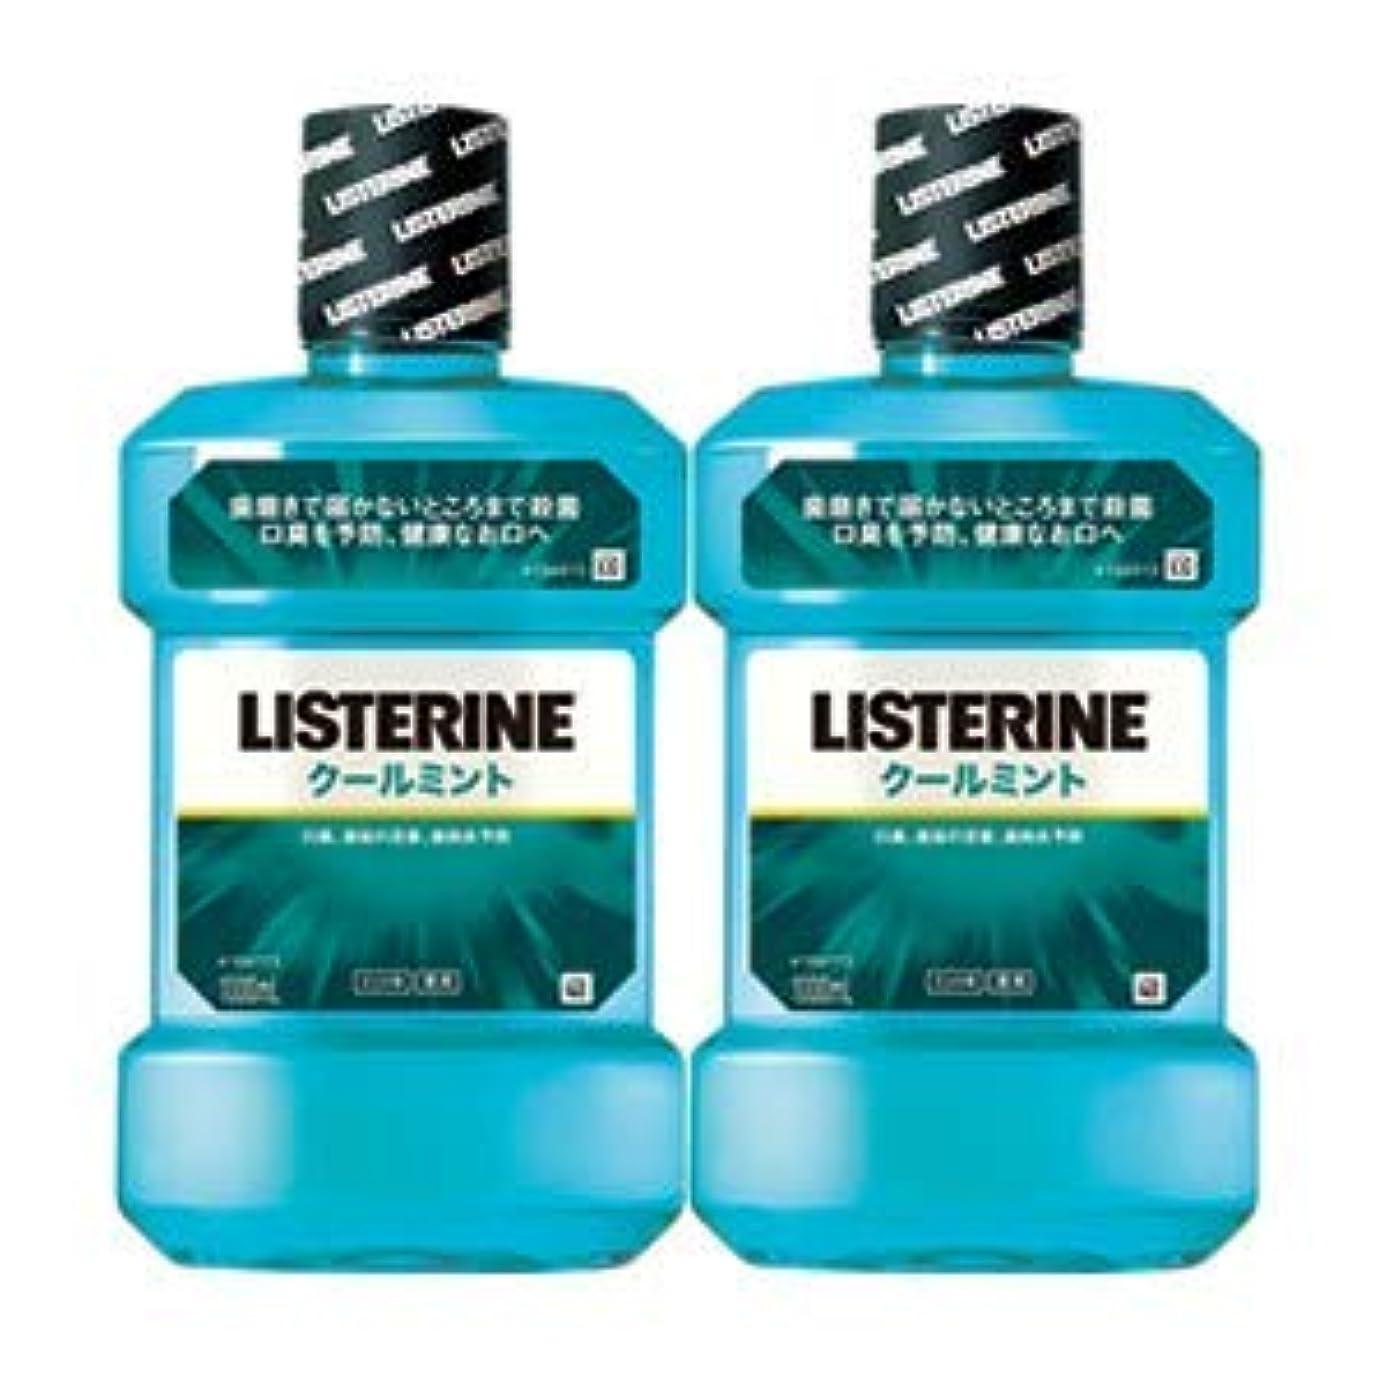 強いますリップ周囲薬用リステリン クールミント (マウスウォッシュ/洗口液) 1000mL×2本セット